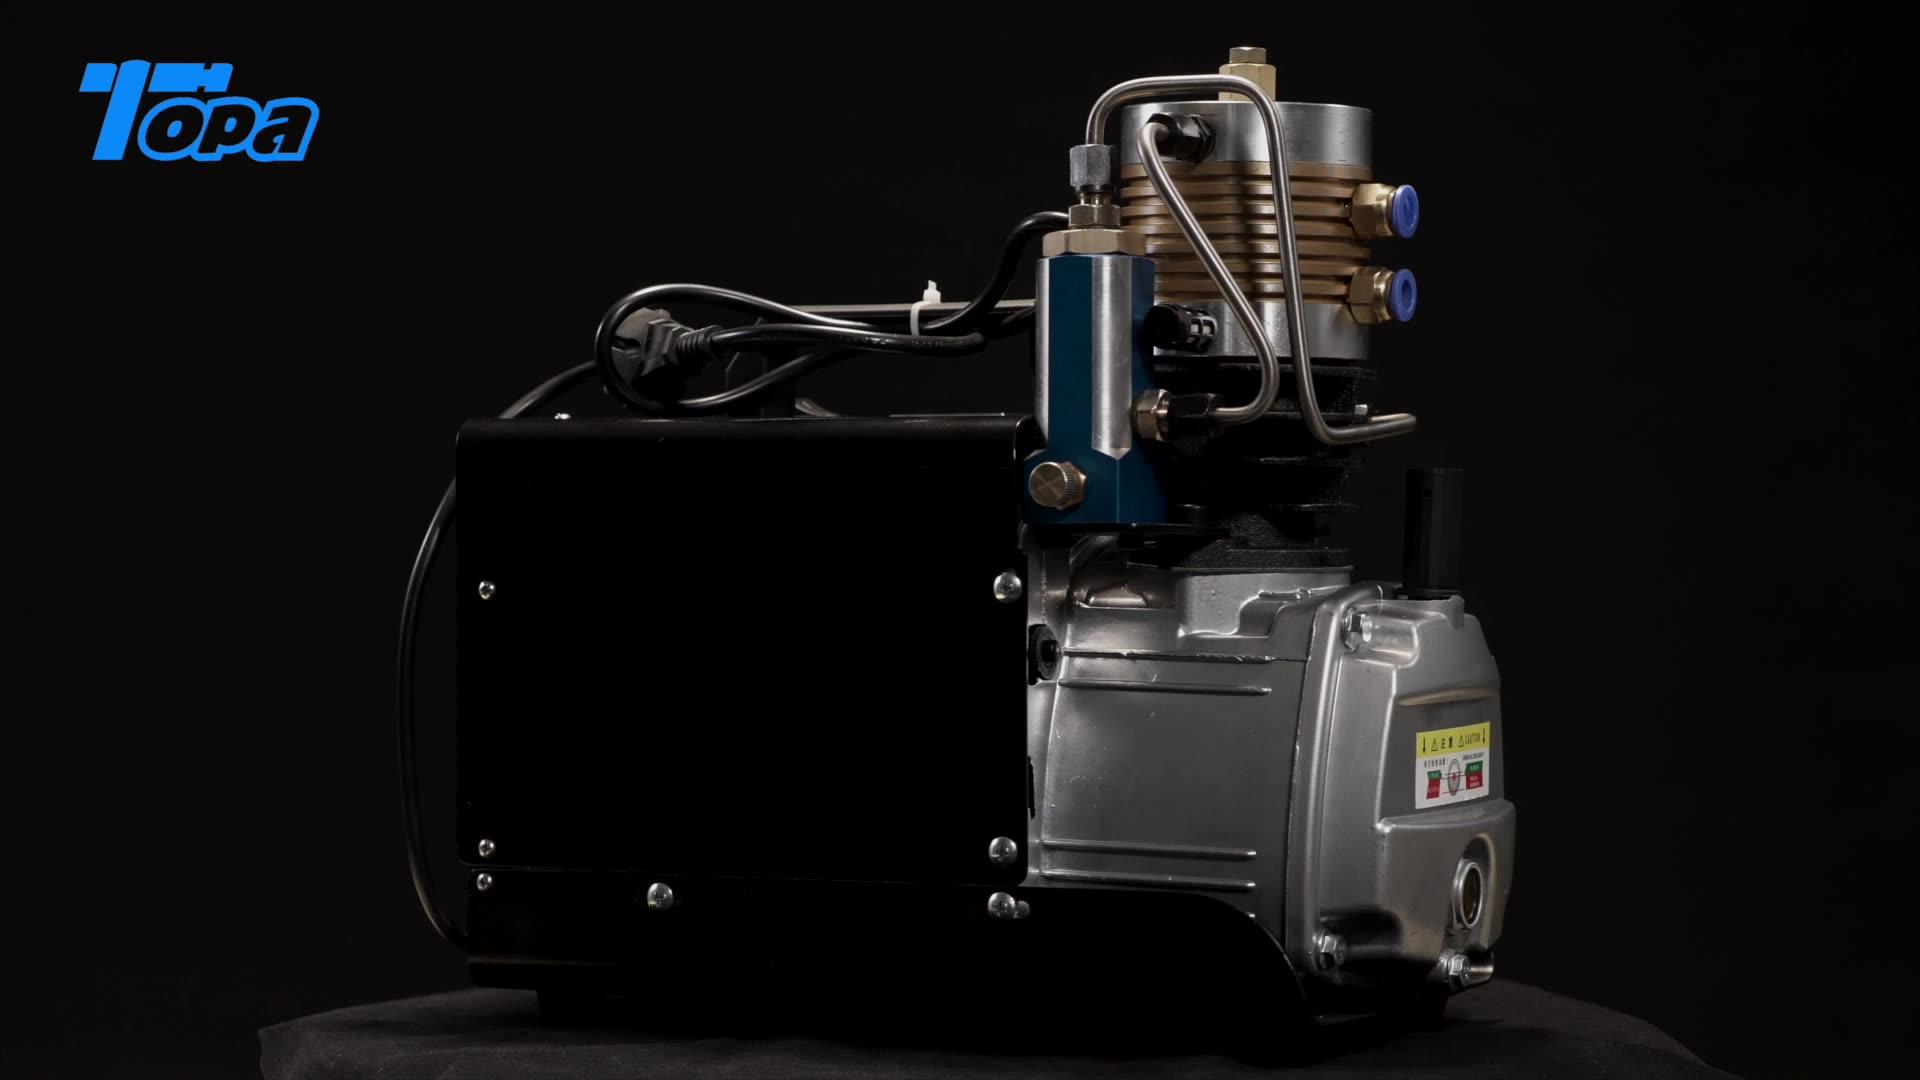 high pressure 4500 psi portable mini pcp electric 3000 psi air compressor